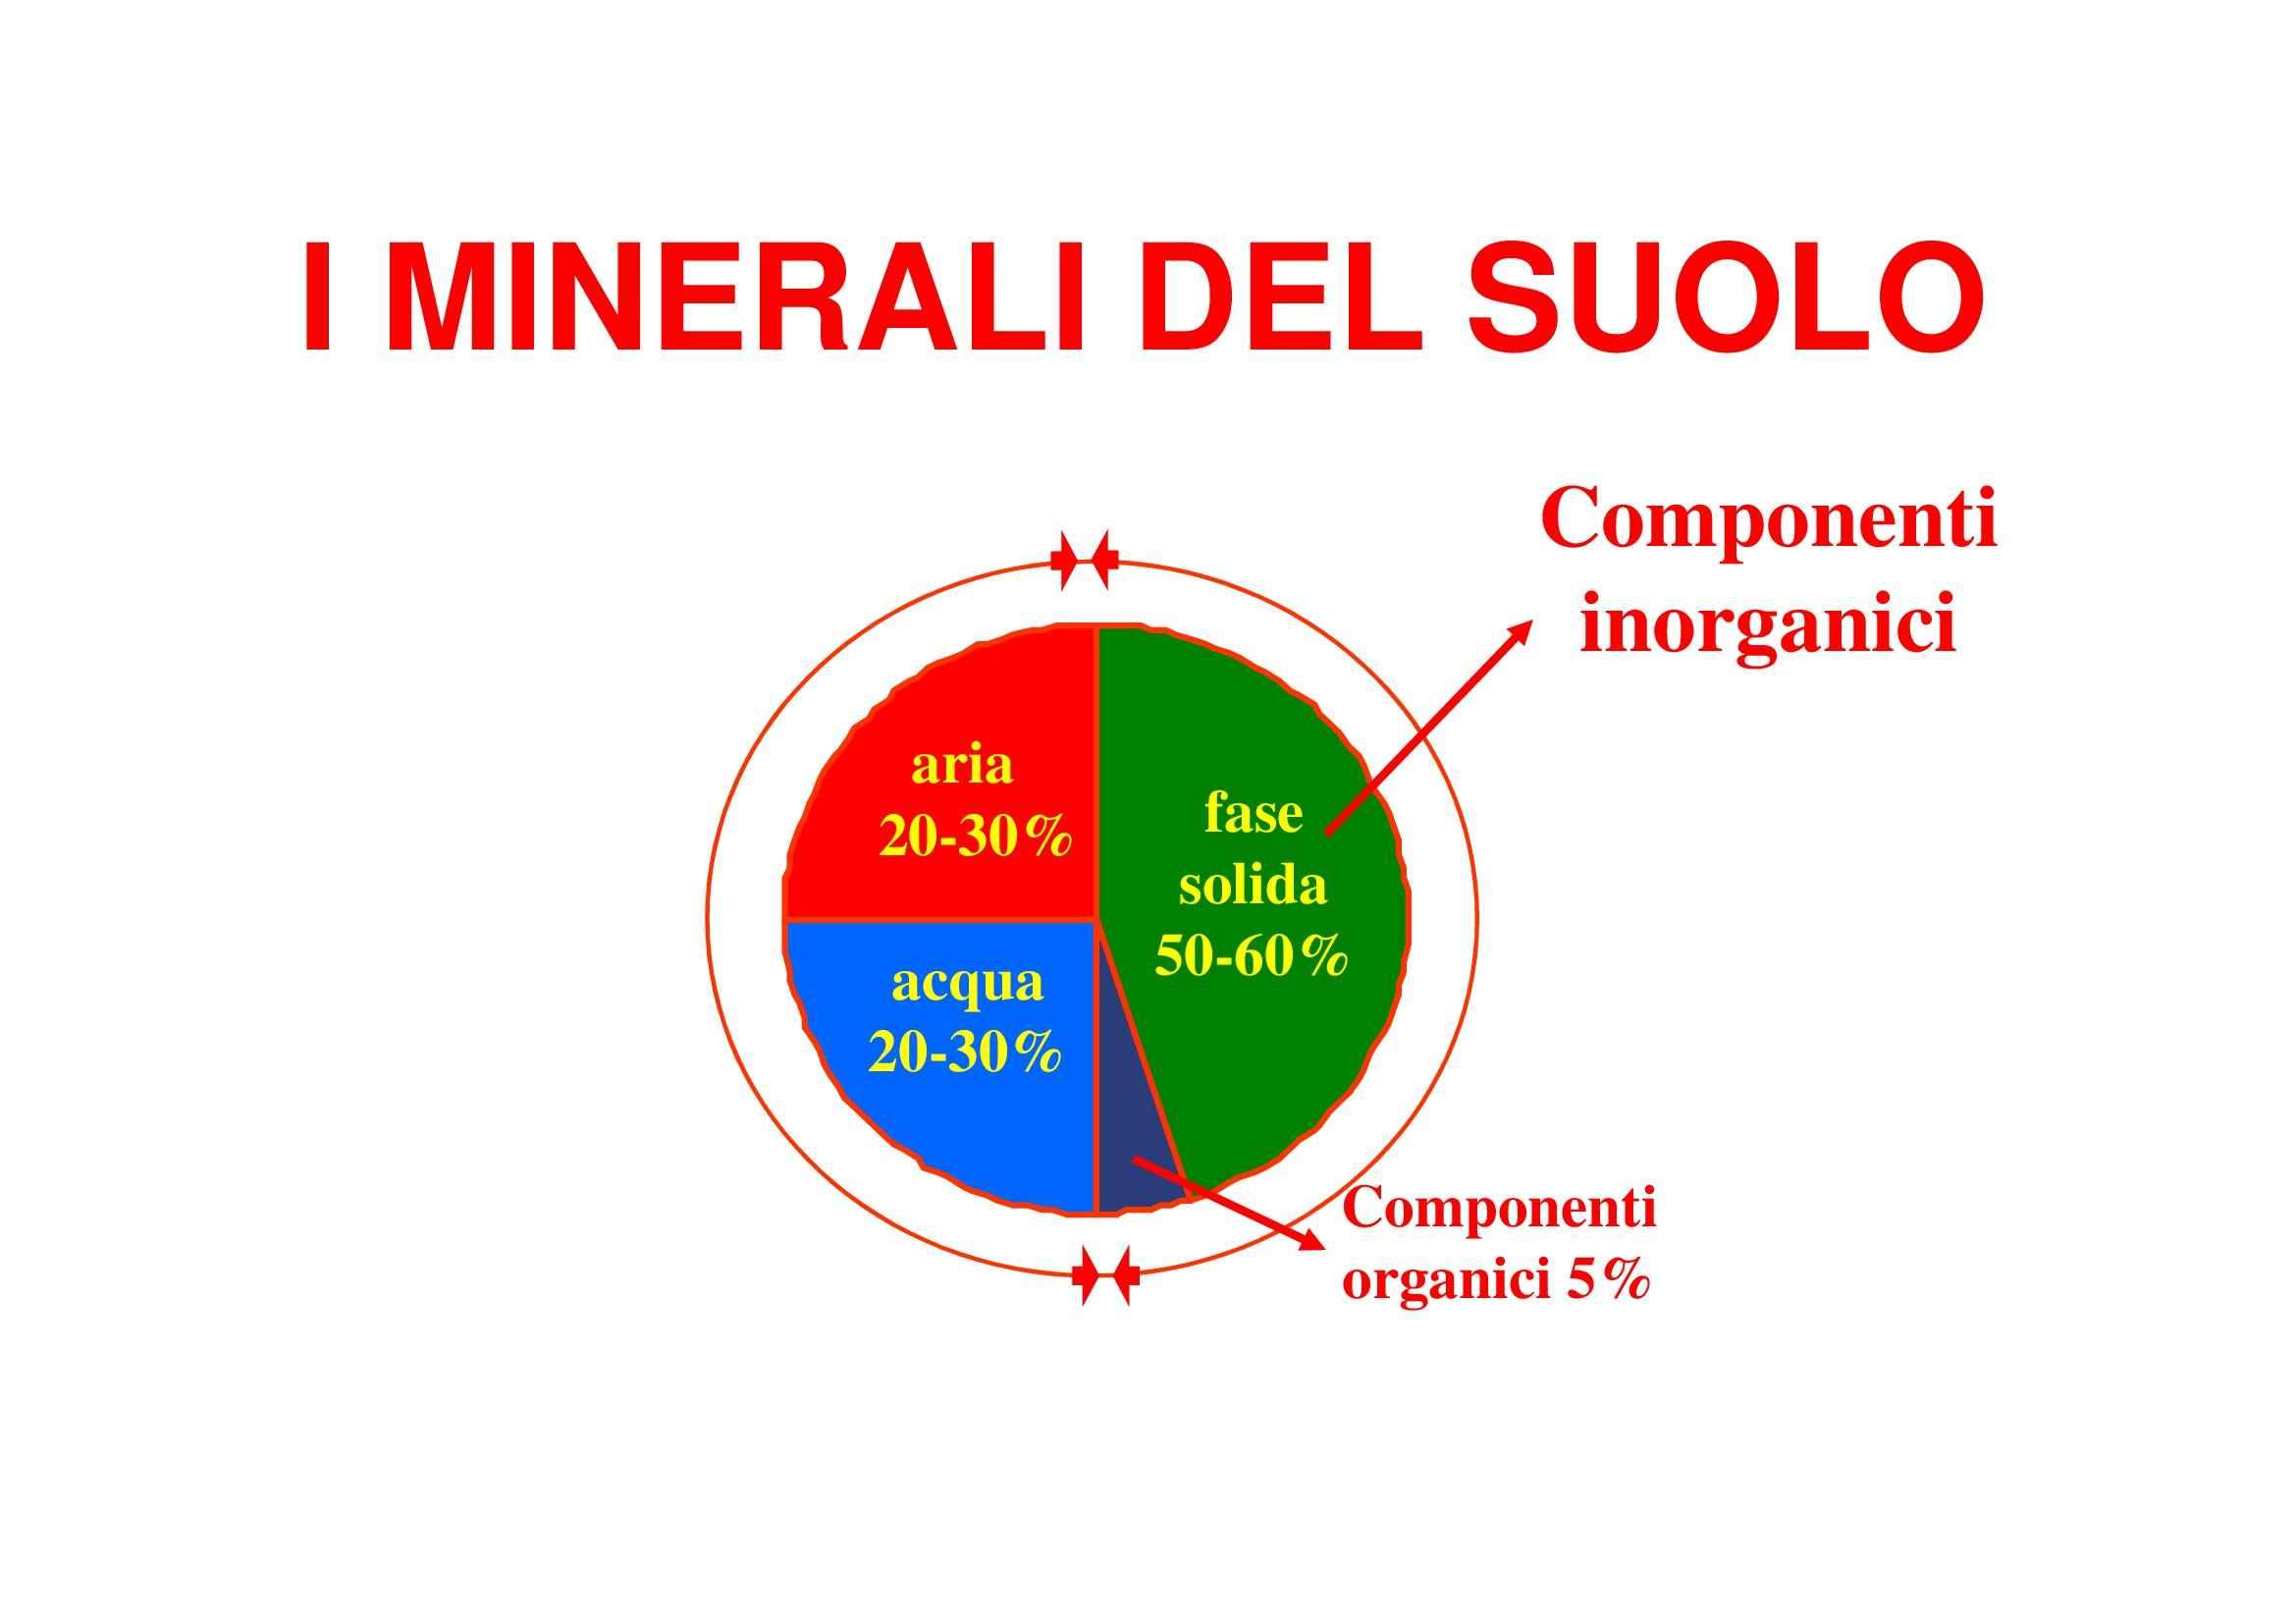 Suolo - Composizione minerale